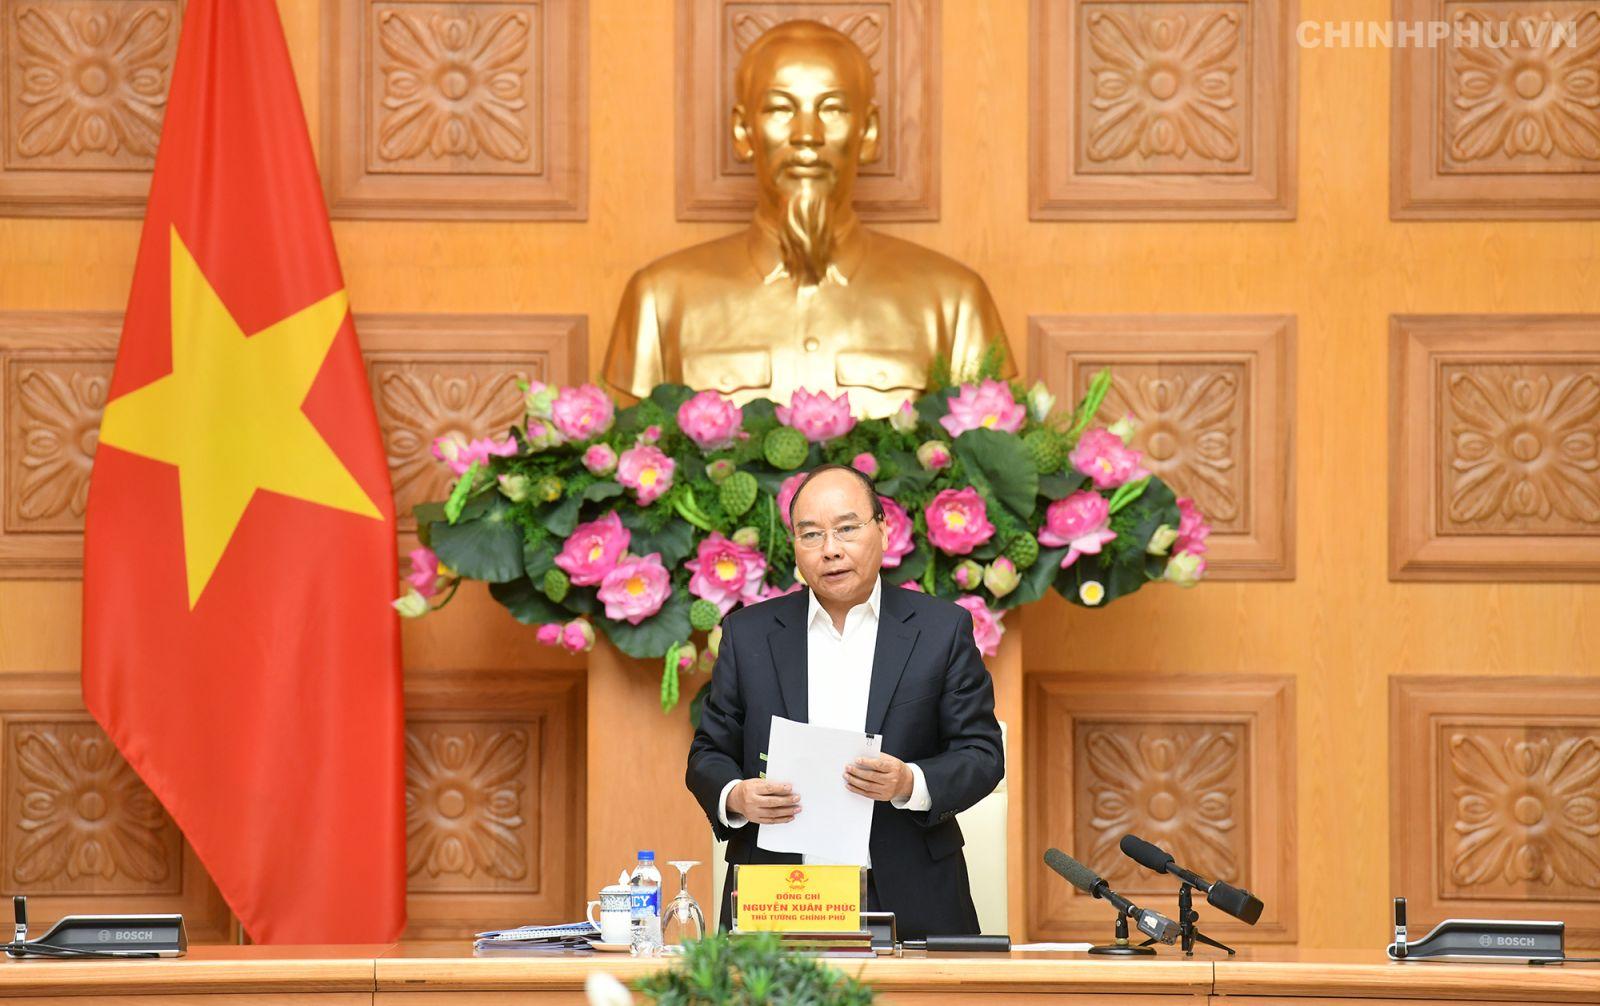 Thủ tướng Nguyễn Xuân Phúc chủ trì phiên họp Tiểu ban Kinh tế - Xã hội. Ảnh VGP/Quang Hiếu